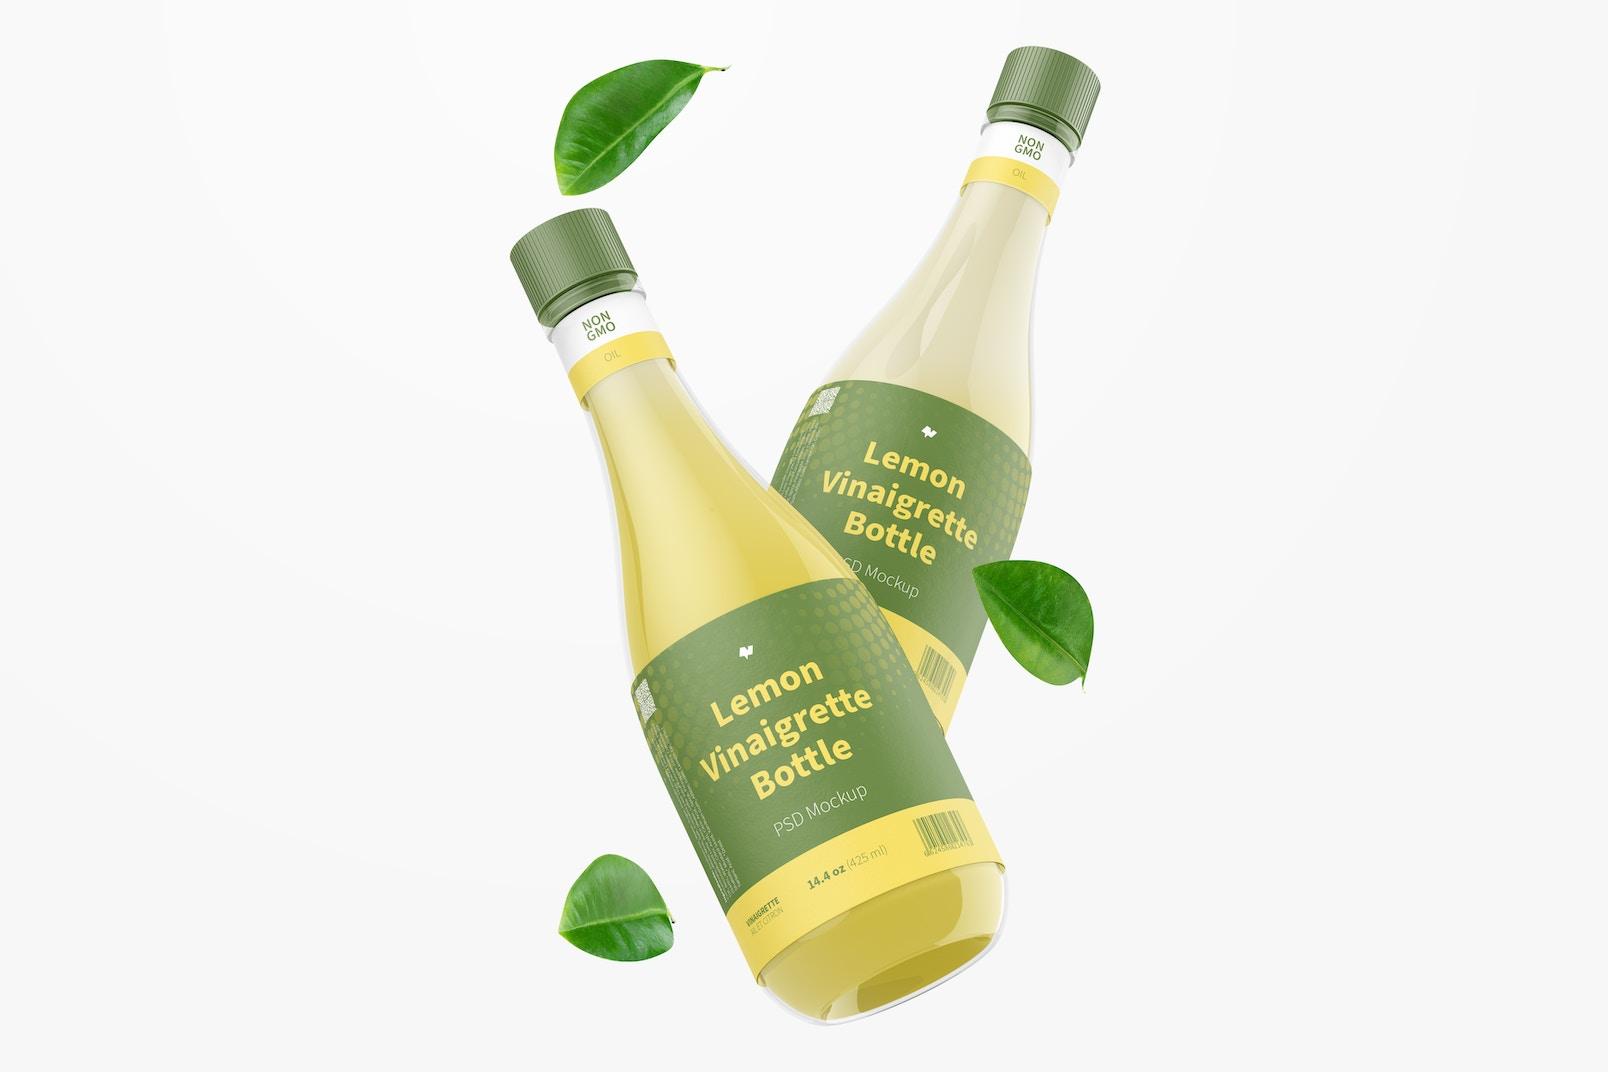 14.5 oz Lemon Vinaigrette Bottle Mockup, Floating